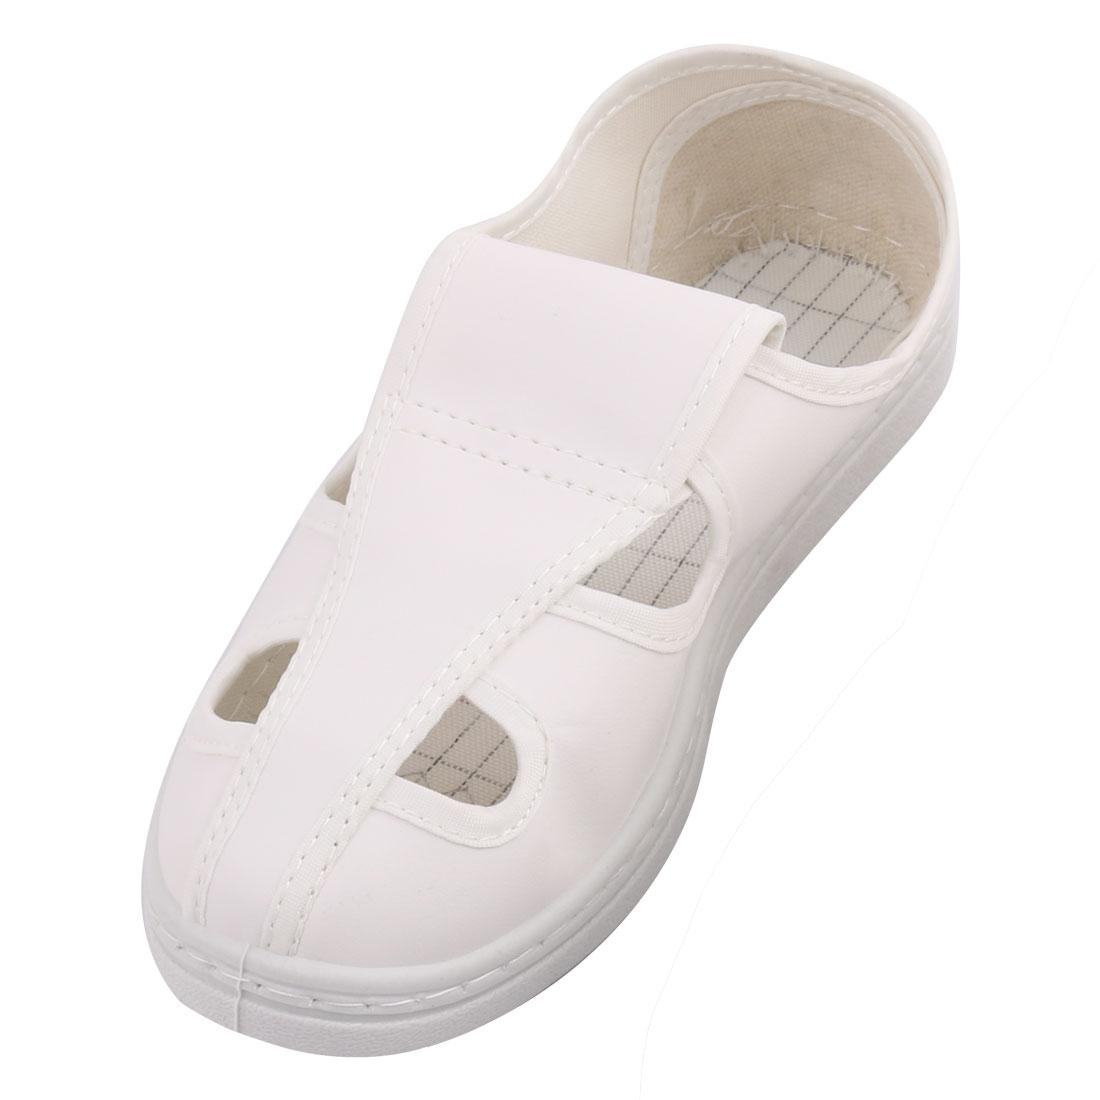 US6.5 UK4.5 EU37 PU Hard Bottom Nonslip Flat Sole Anti-static 4-Hole Leather Shoes